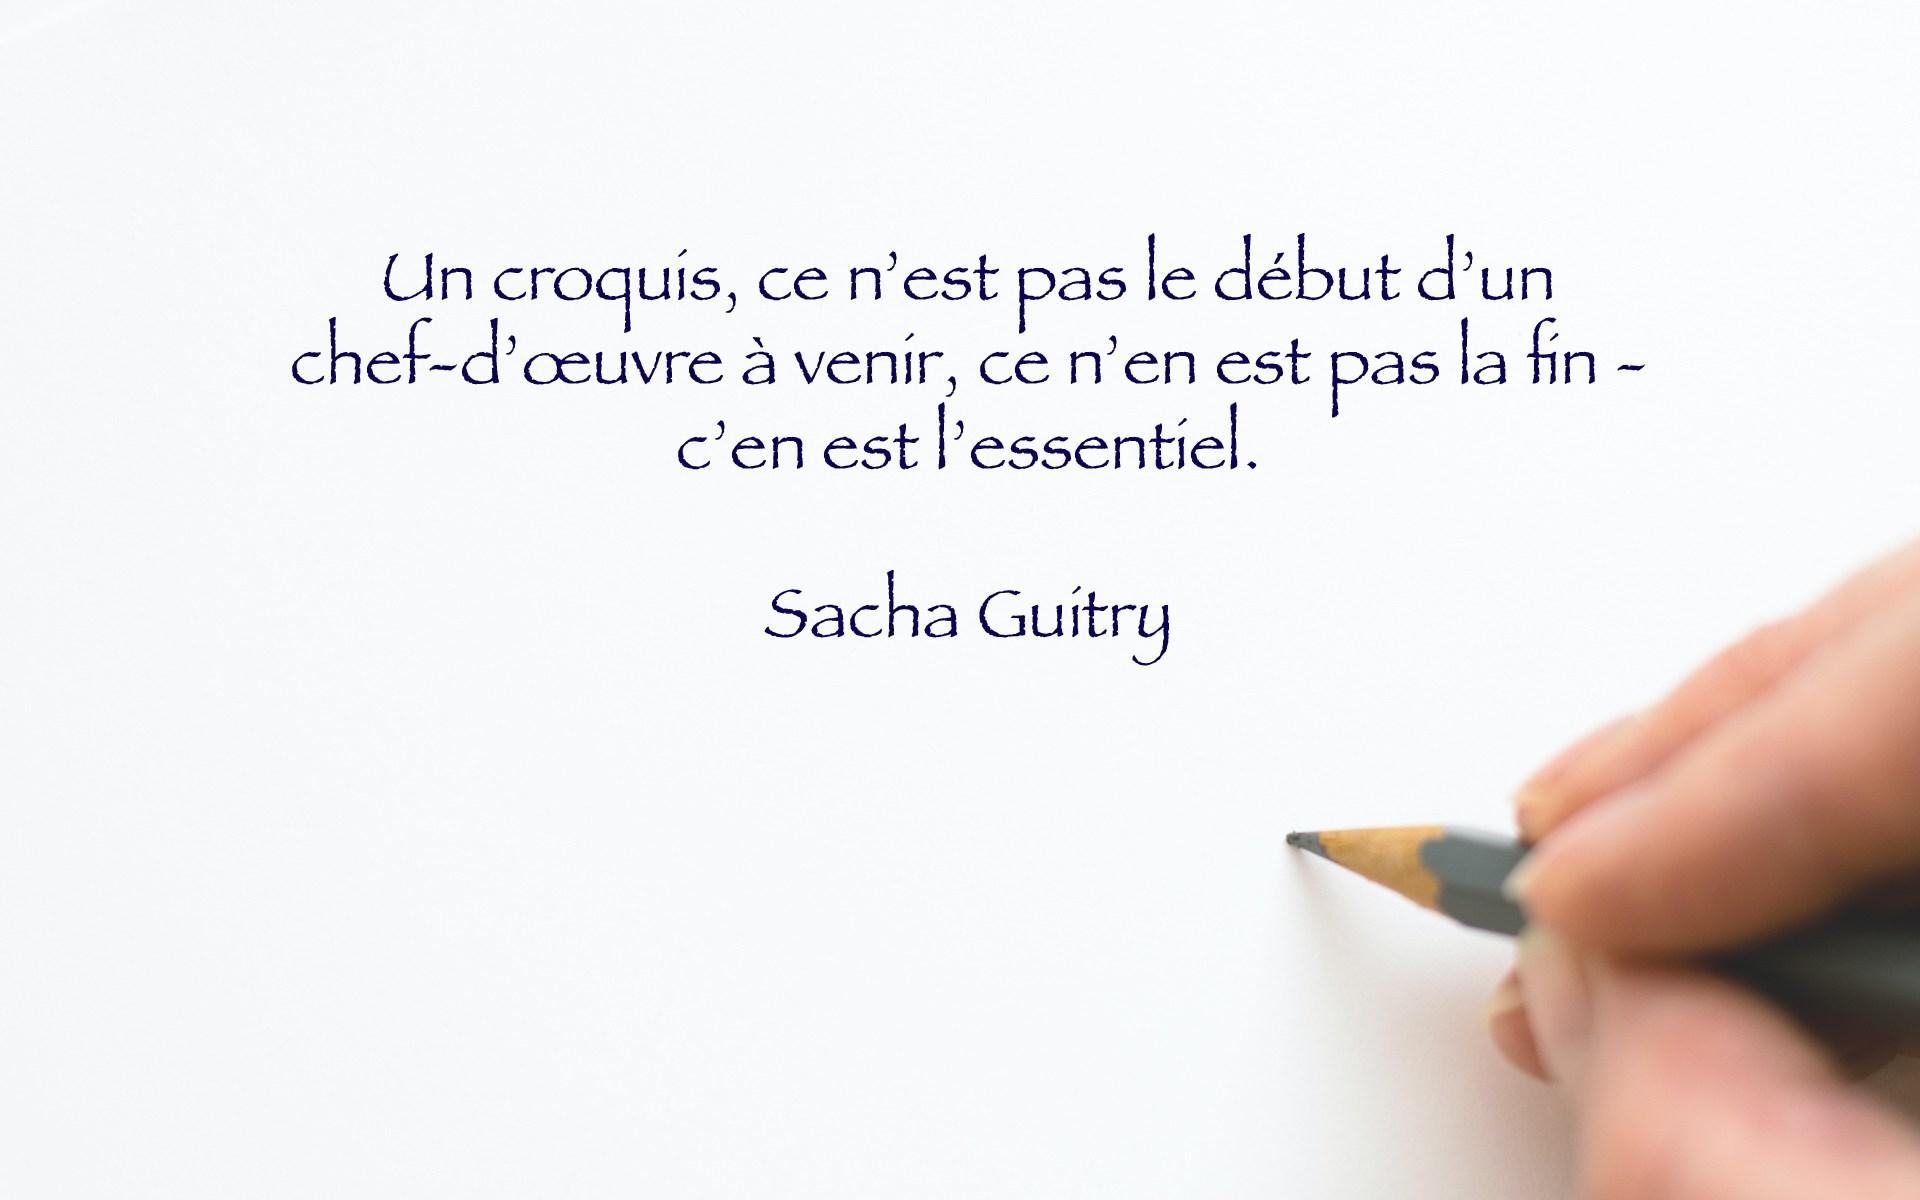 Citation de Sacha Guitry - qu'est-ce qu'un croquis